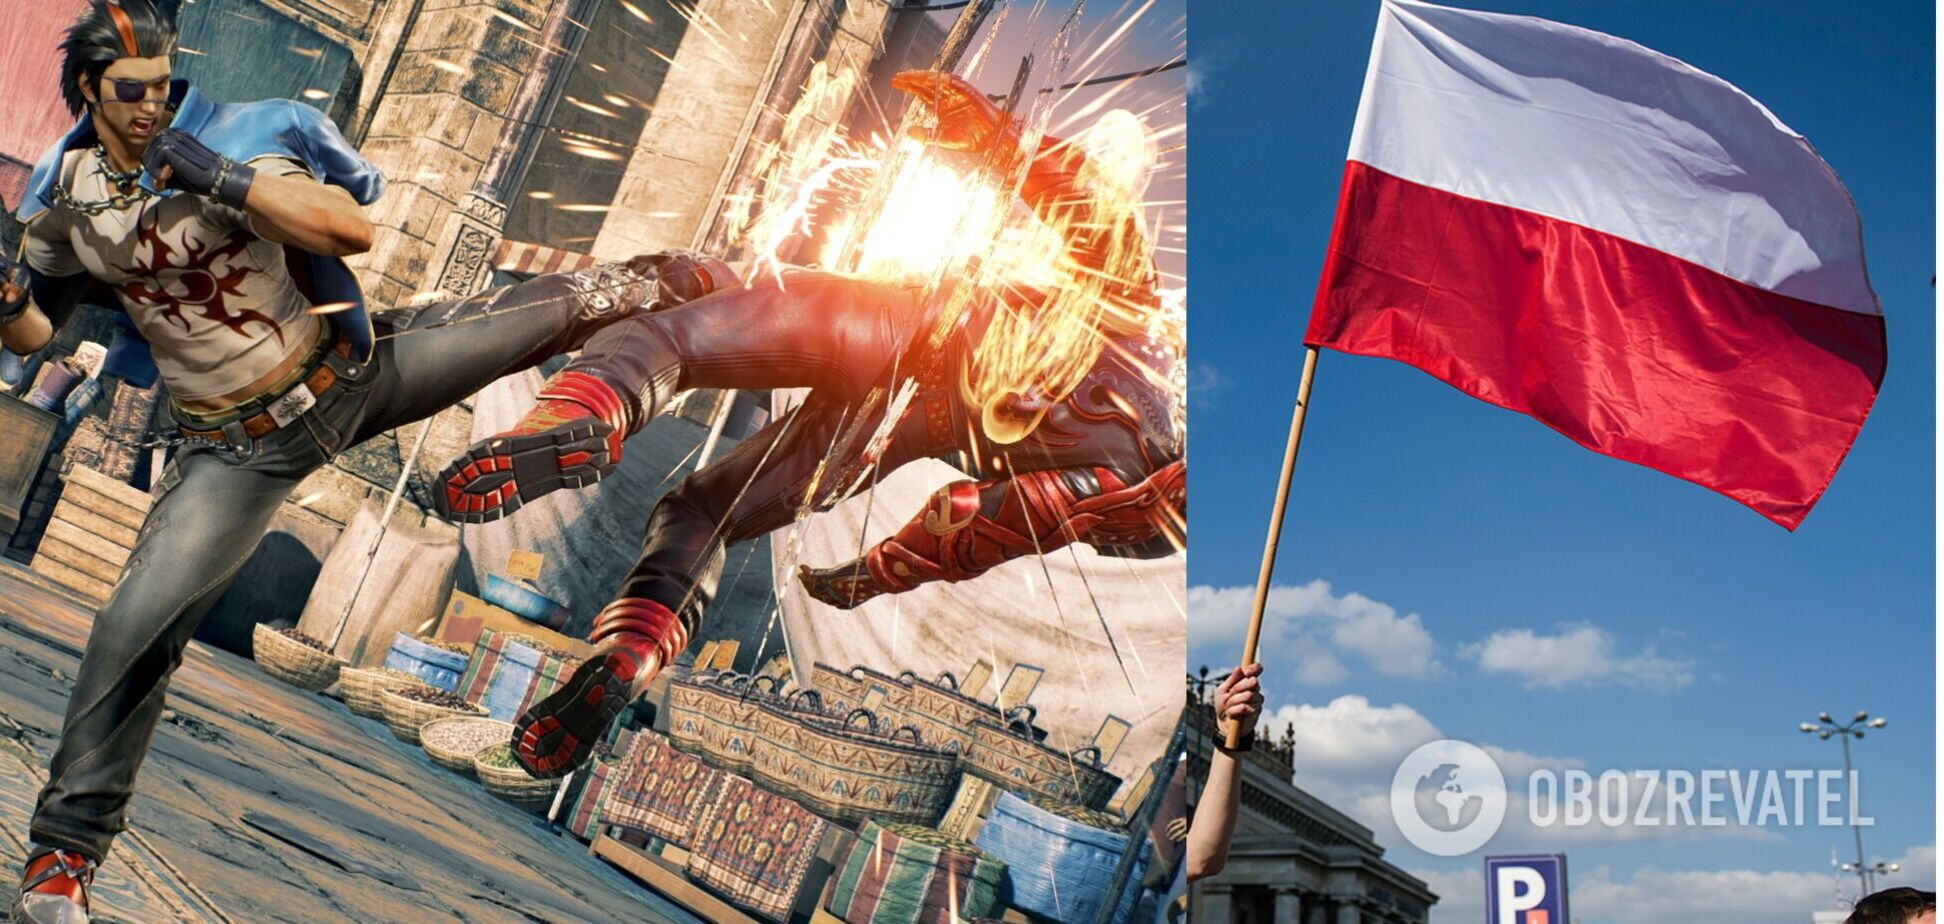 'Премьер-министр' Польши стал бойцом в компьютерной игре. Видео